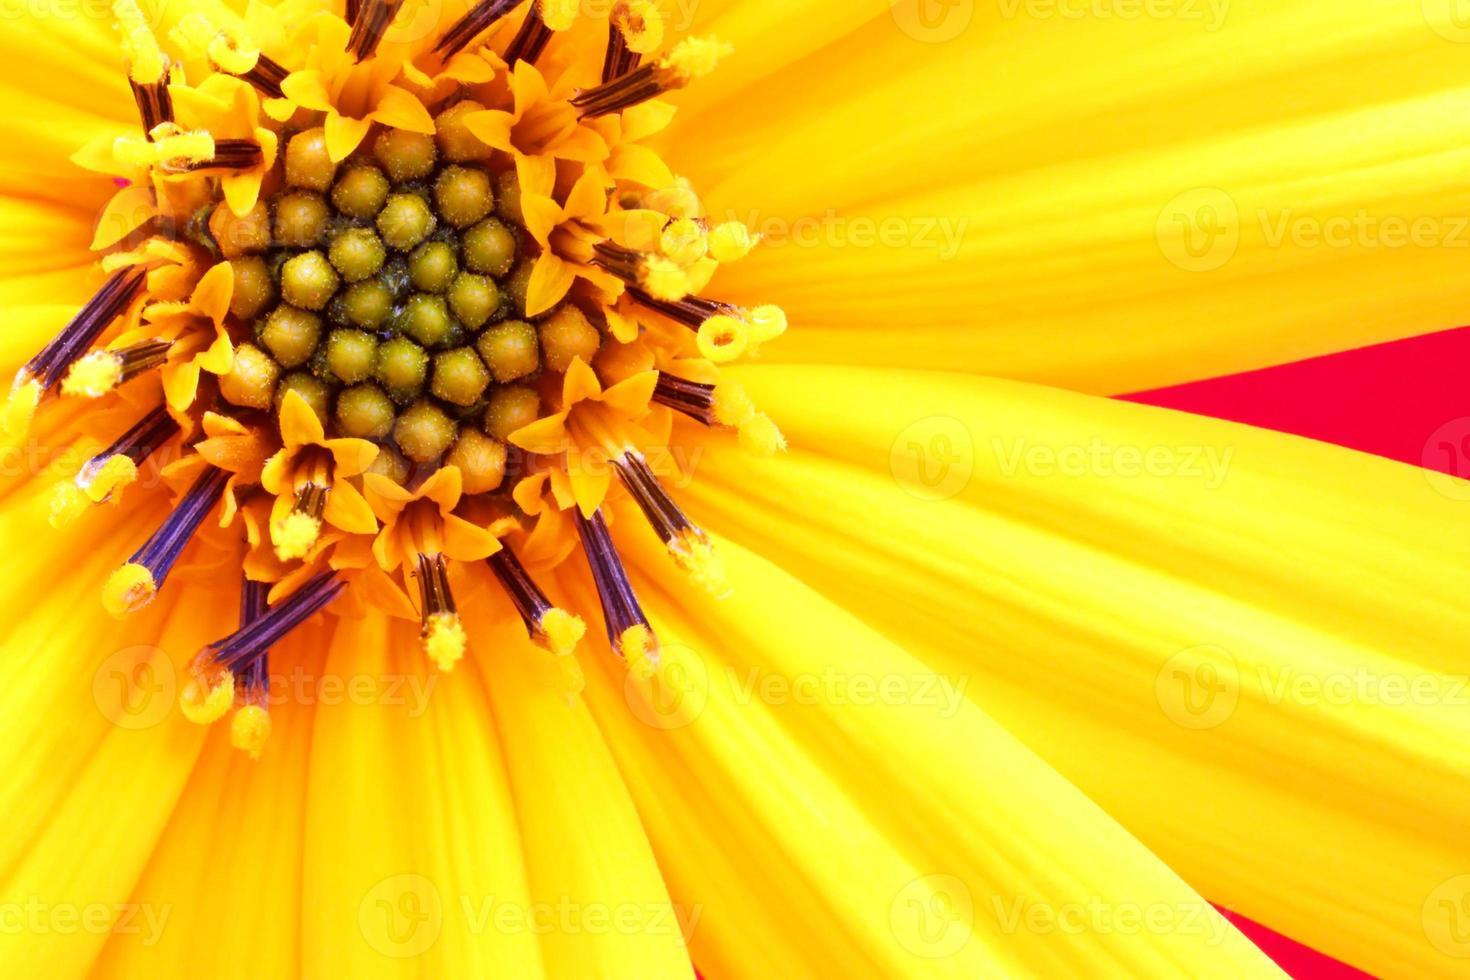 flor de girasol close-up foto